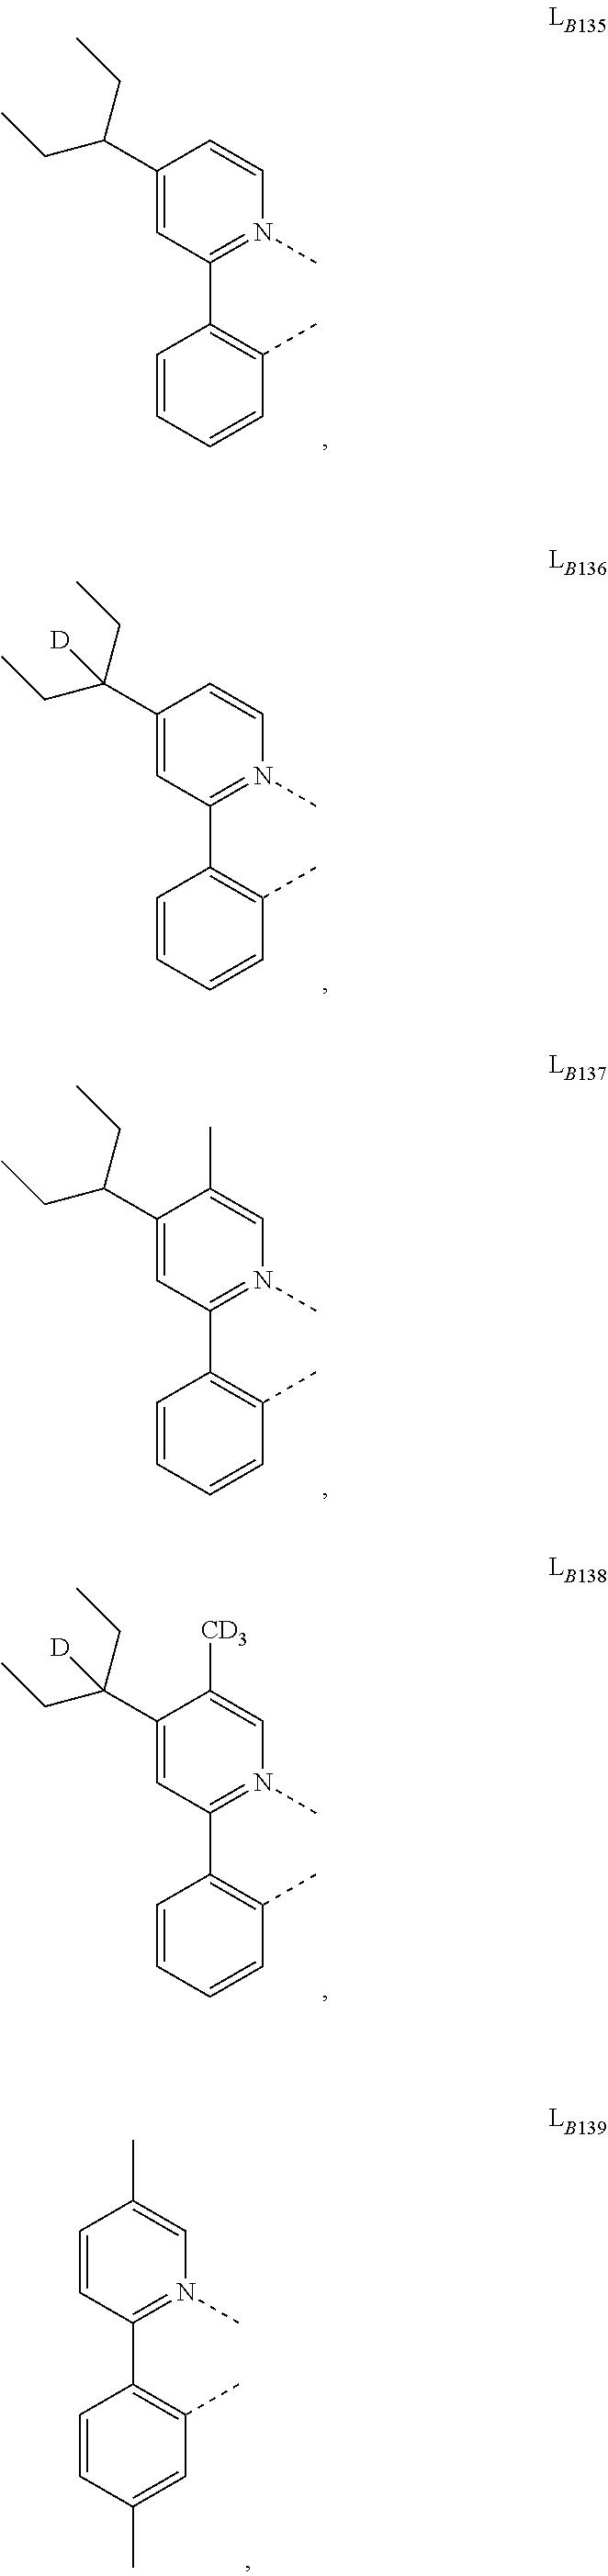 Figure US20160049599A1-20160218-C00524